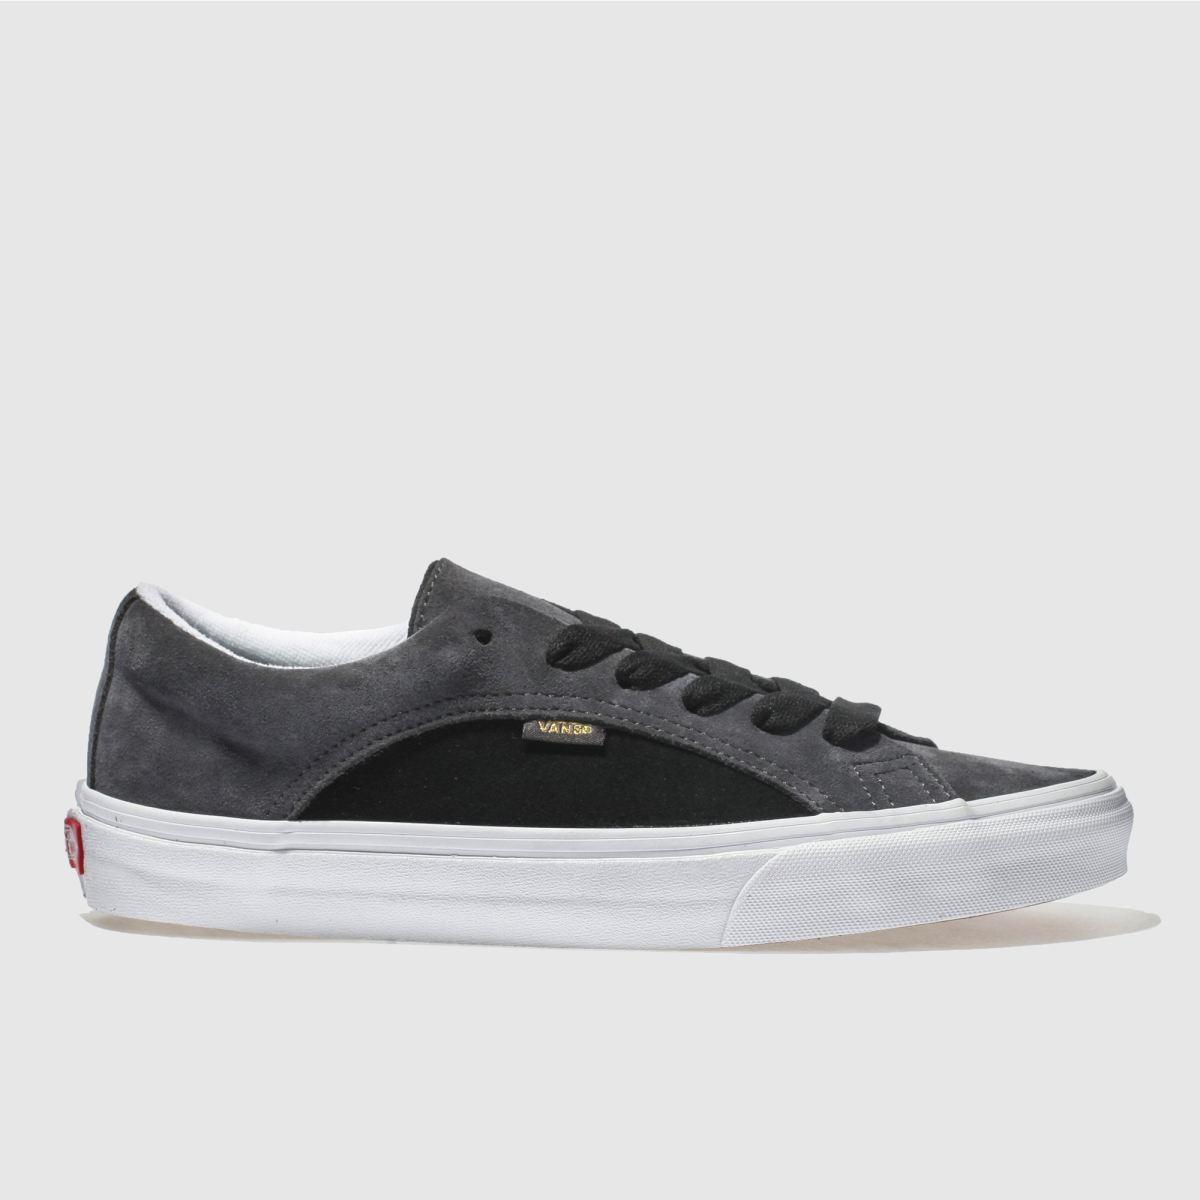 Vans Black & Grey Lampin Trainers